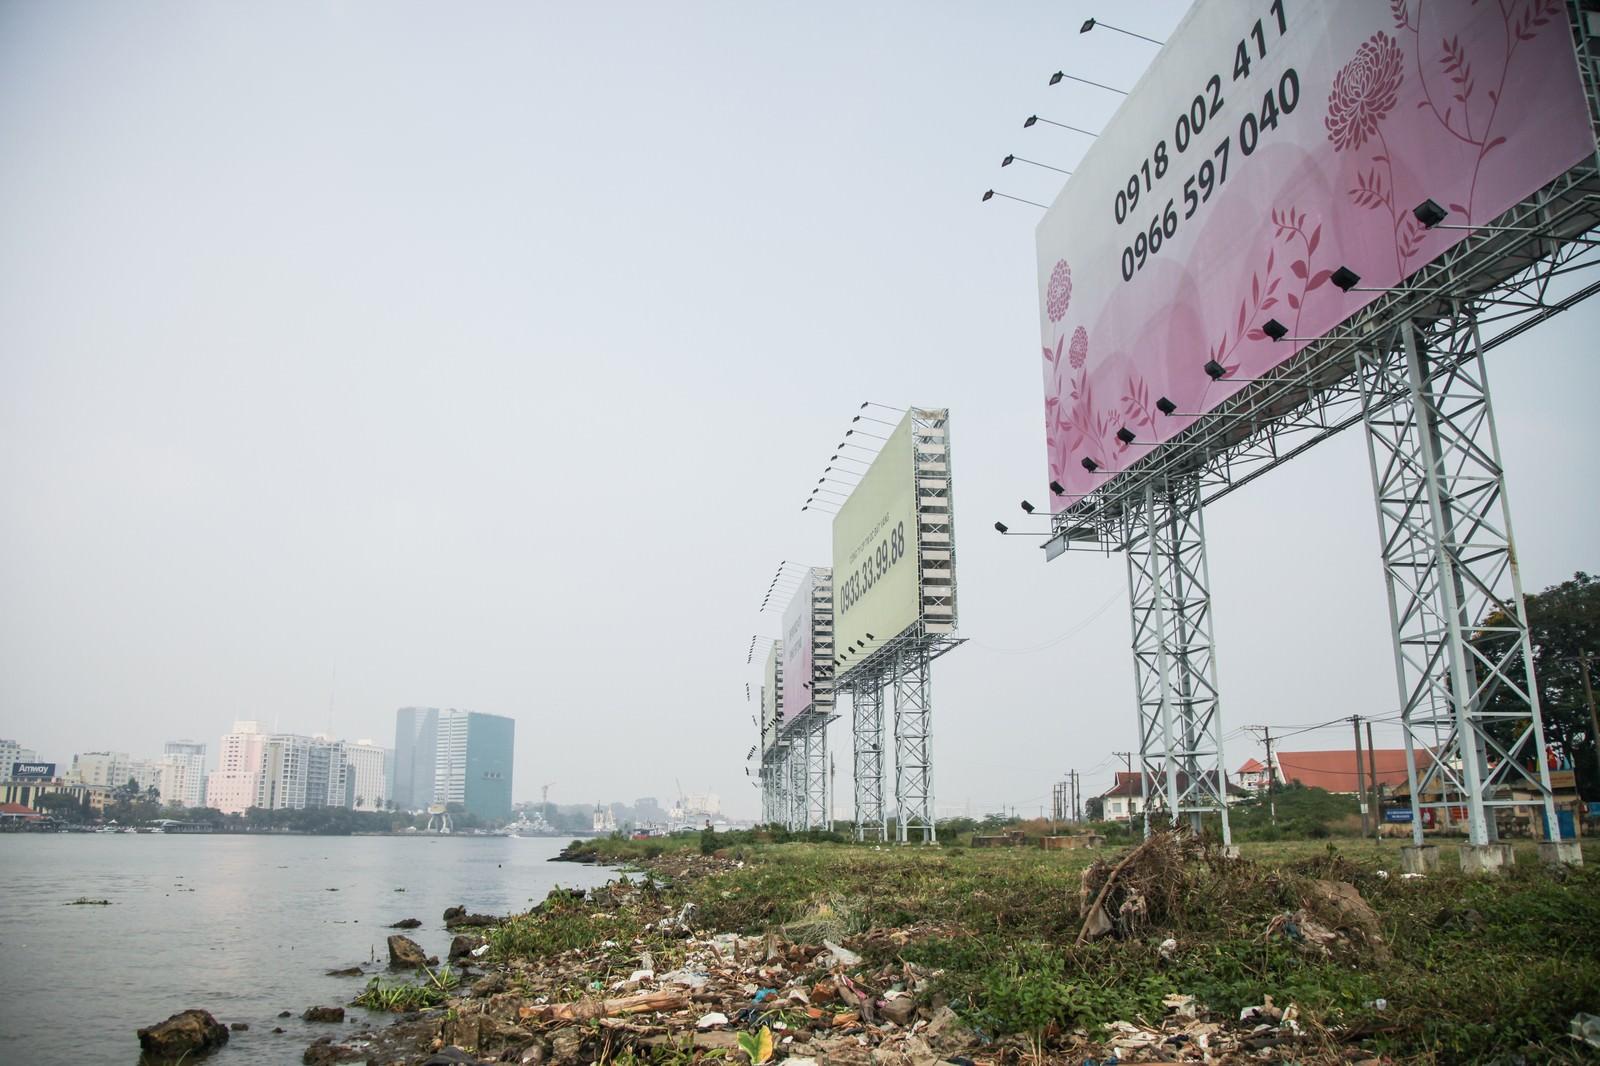 「ホーチミンの沿岸のゴミと広告看板」の写真